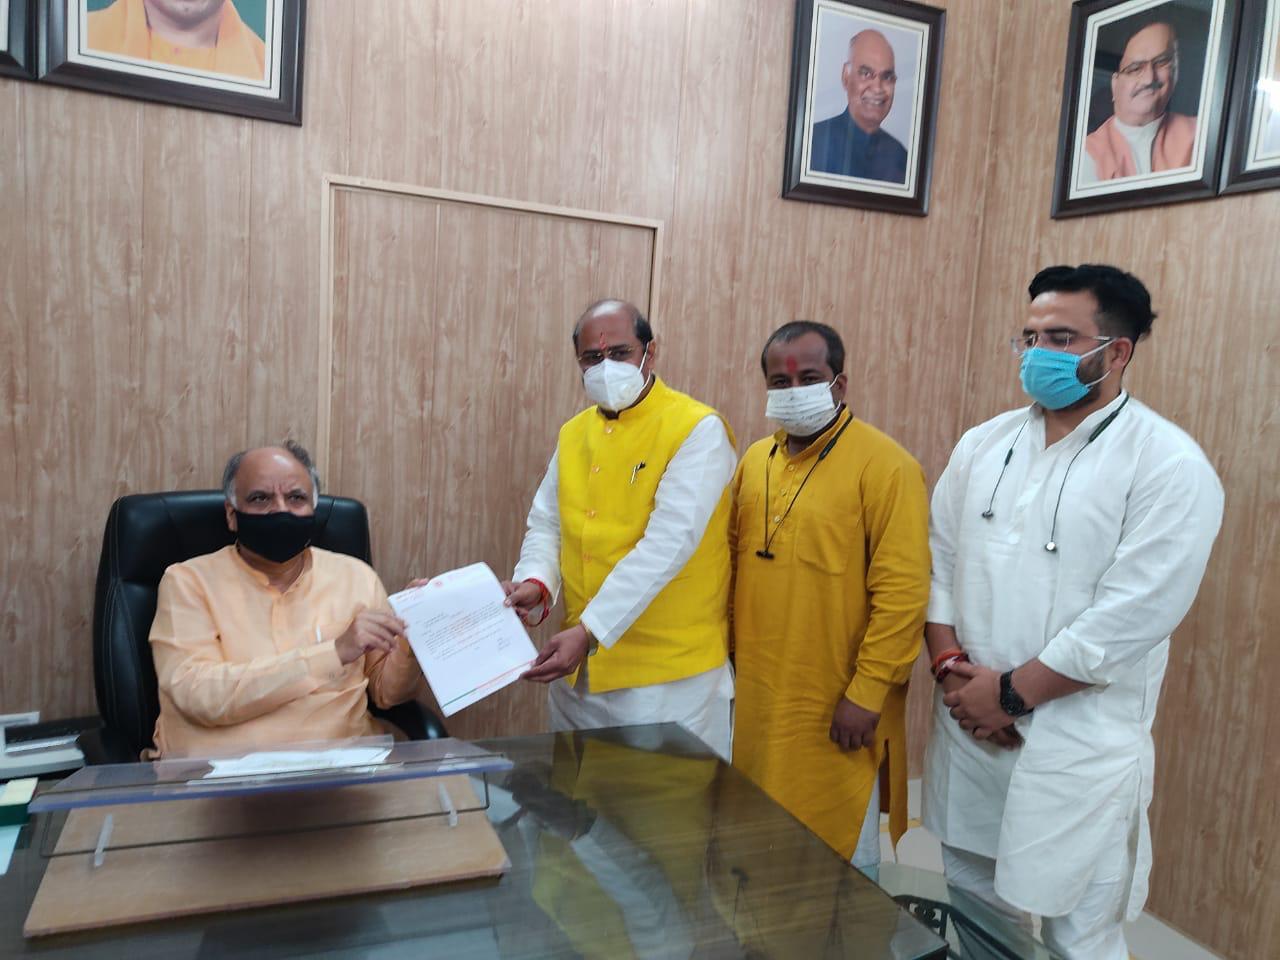 नगर निगम में विकास कार्यों की अनसुनी, भाजपा MLA ने सीधे योगी के मंत्री आशुतोष टंडन को सौंपे 5 करोड़ रुपए के प्रस्ताव|कानपुर,Kanpur - Dainik Bhaskar